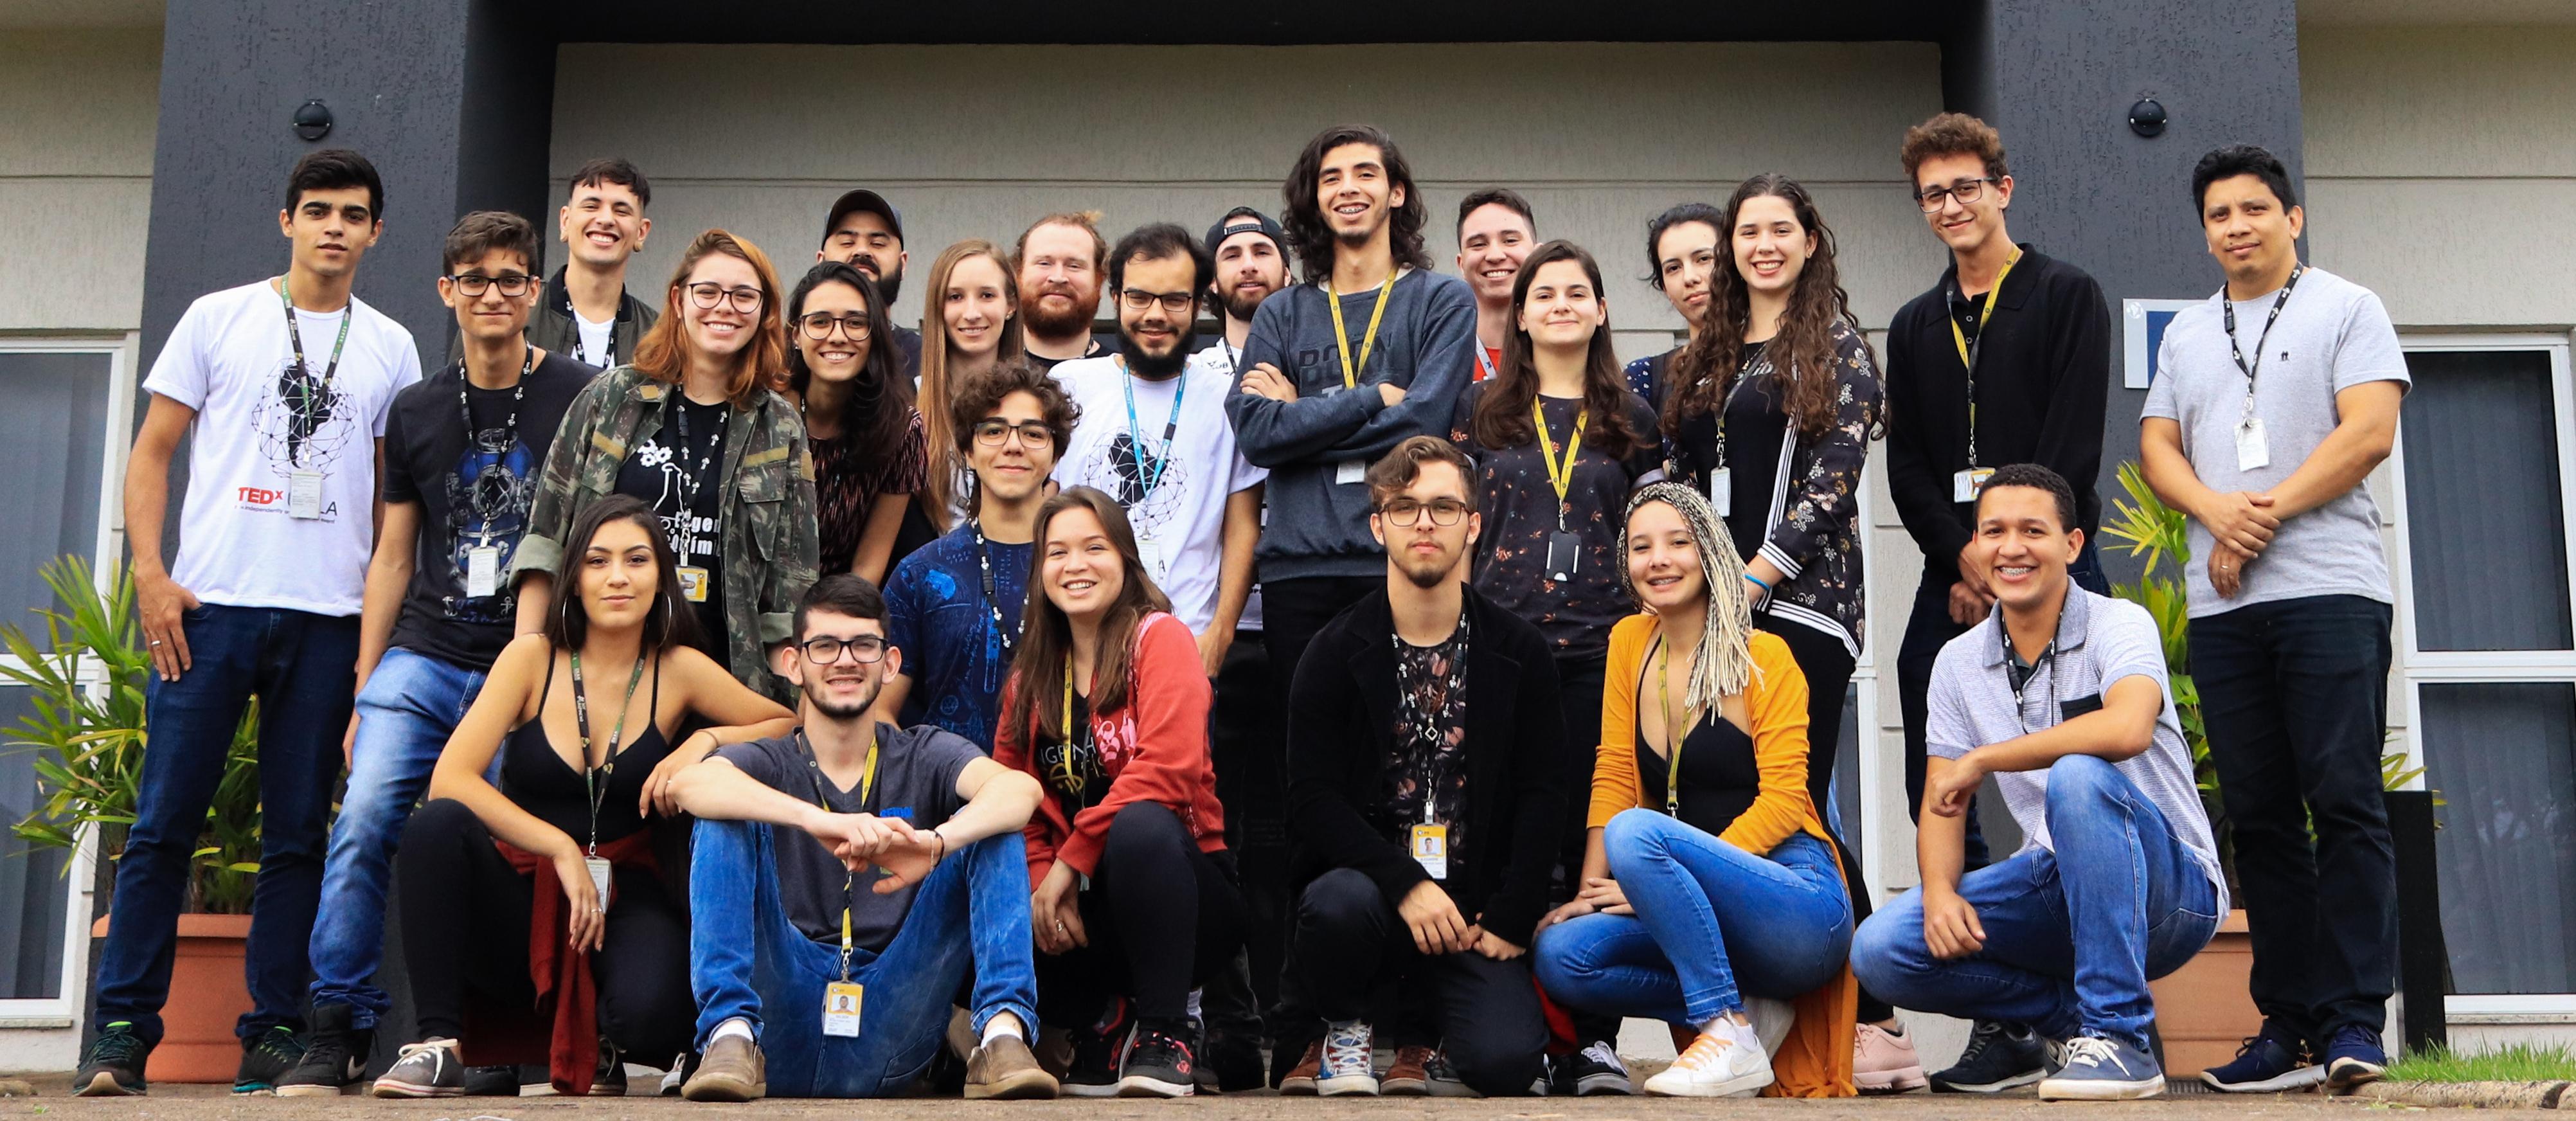 Equipe da Missão Capivara